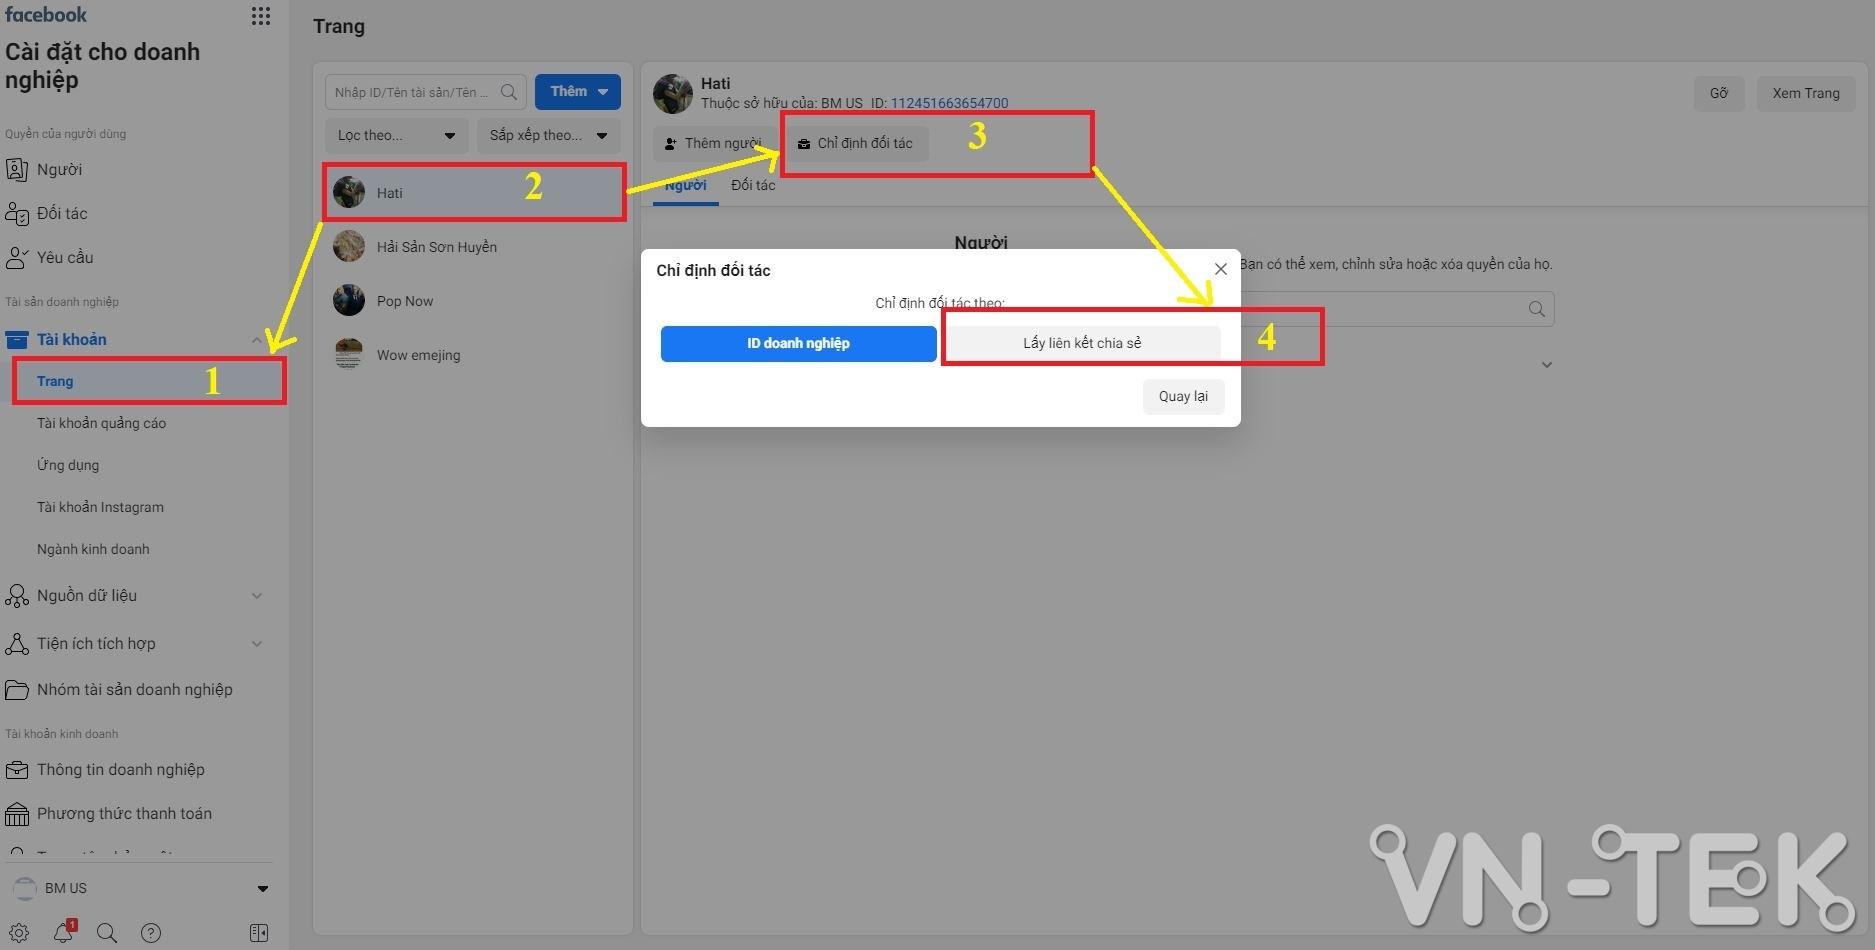 huong dan facebook adbreaks - Hướng dẫn thêm quản trị viên cho Page bị giới hạn thêm quản trị